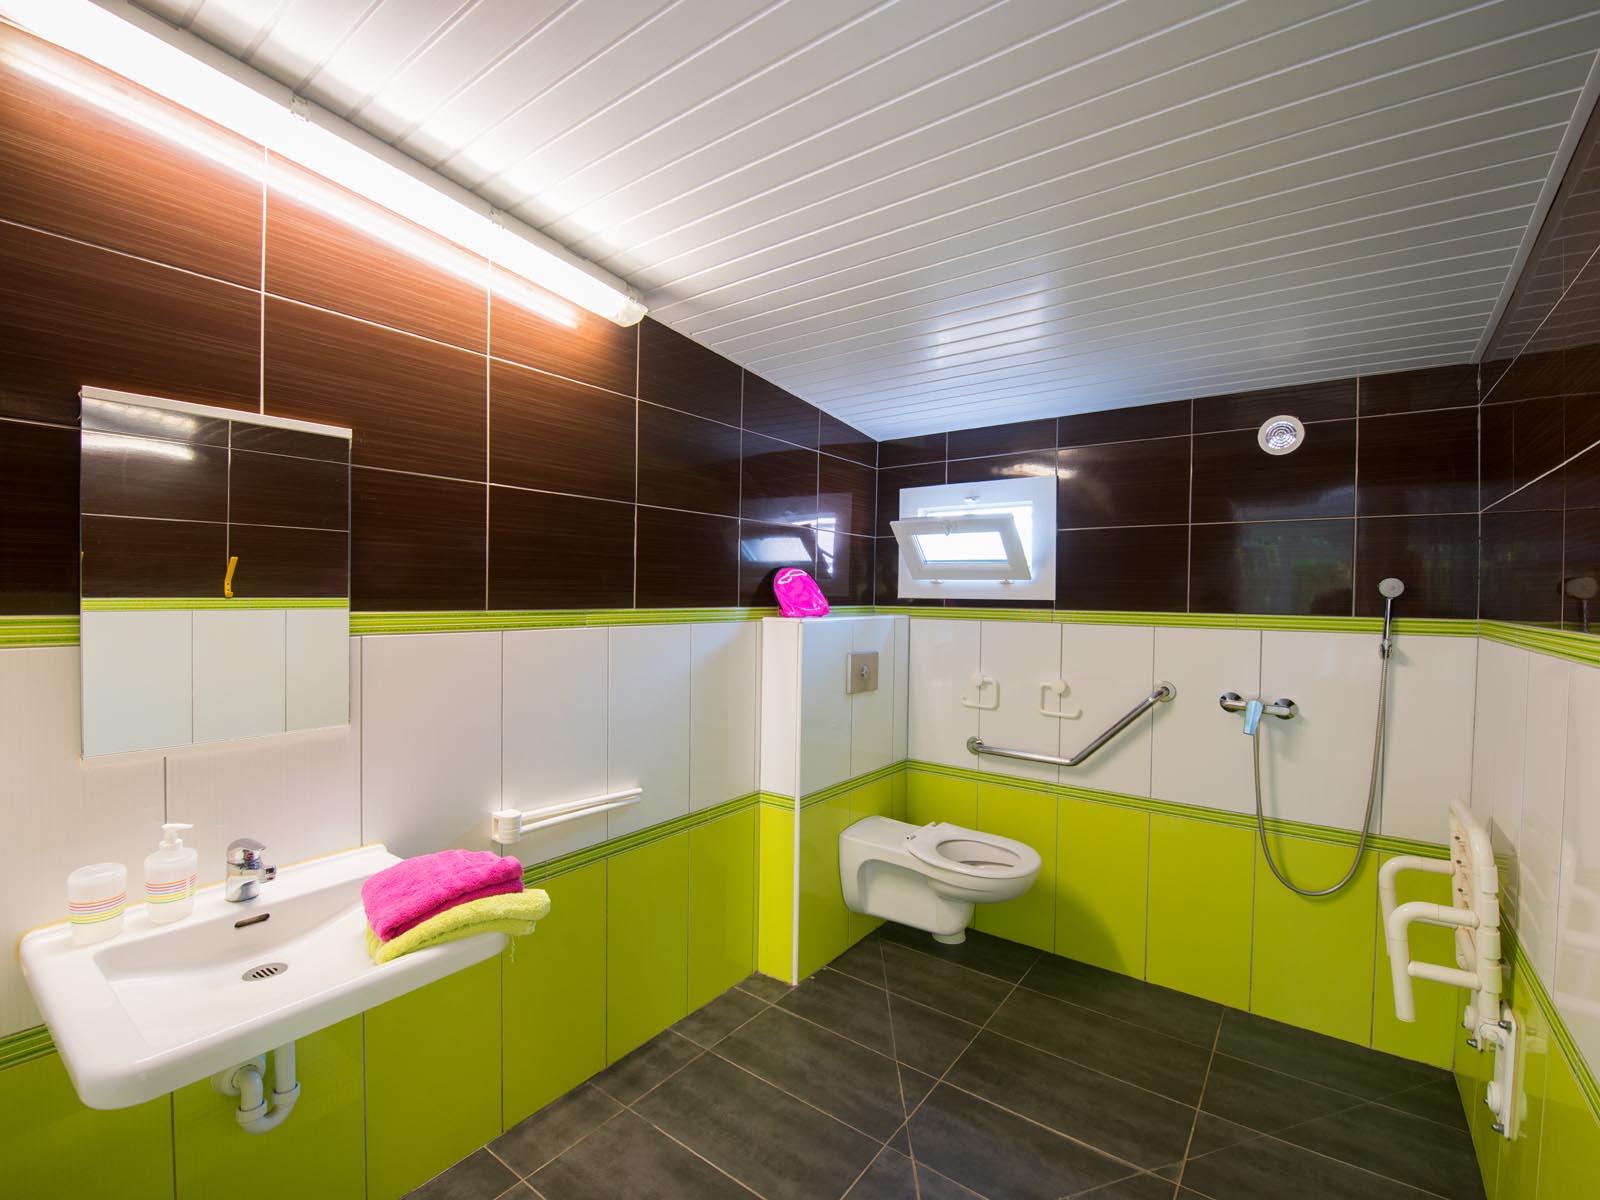 Salle de bain aménagée pour personnes à mobilité réduite